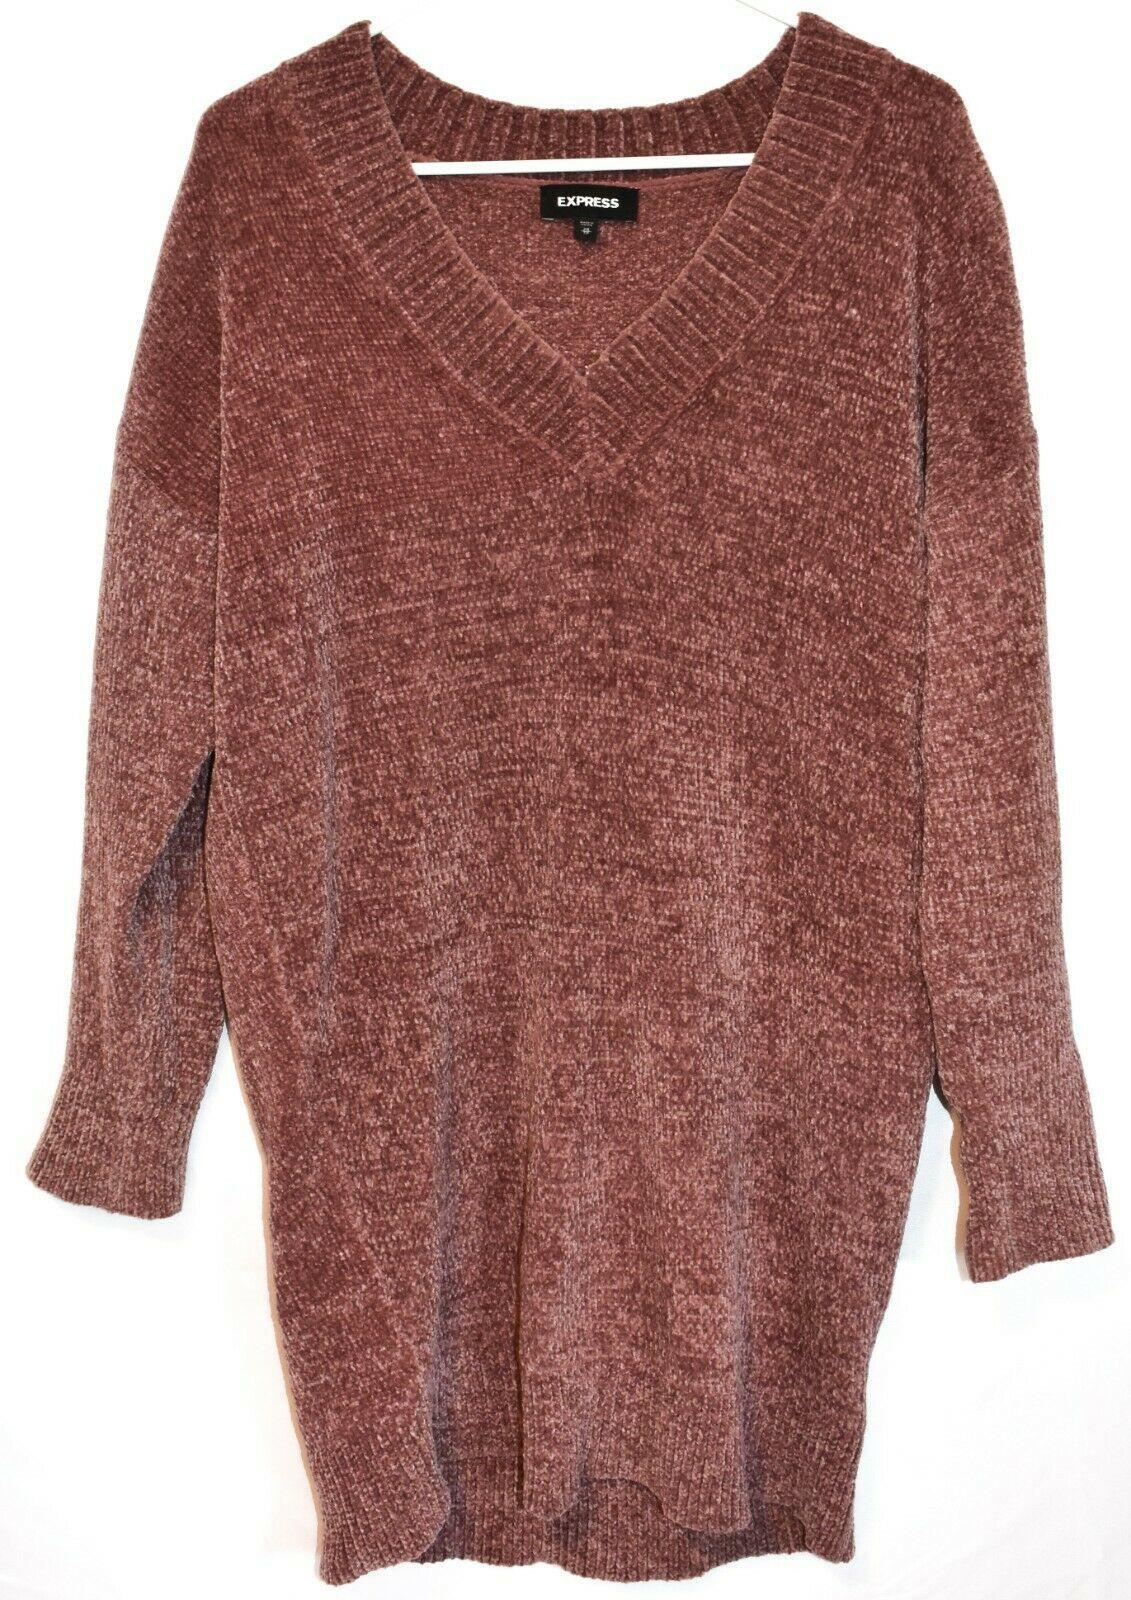 Express Women's Mauve Oversized Chenille V-Neck Knit Sweater Dress Size XS